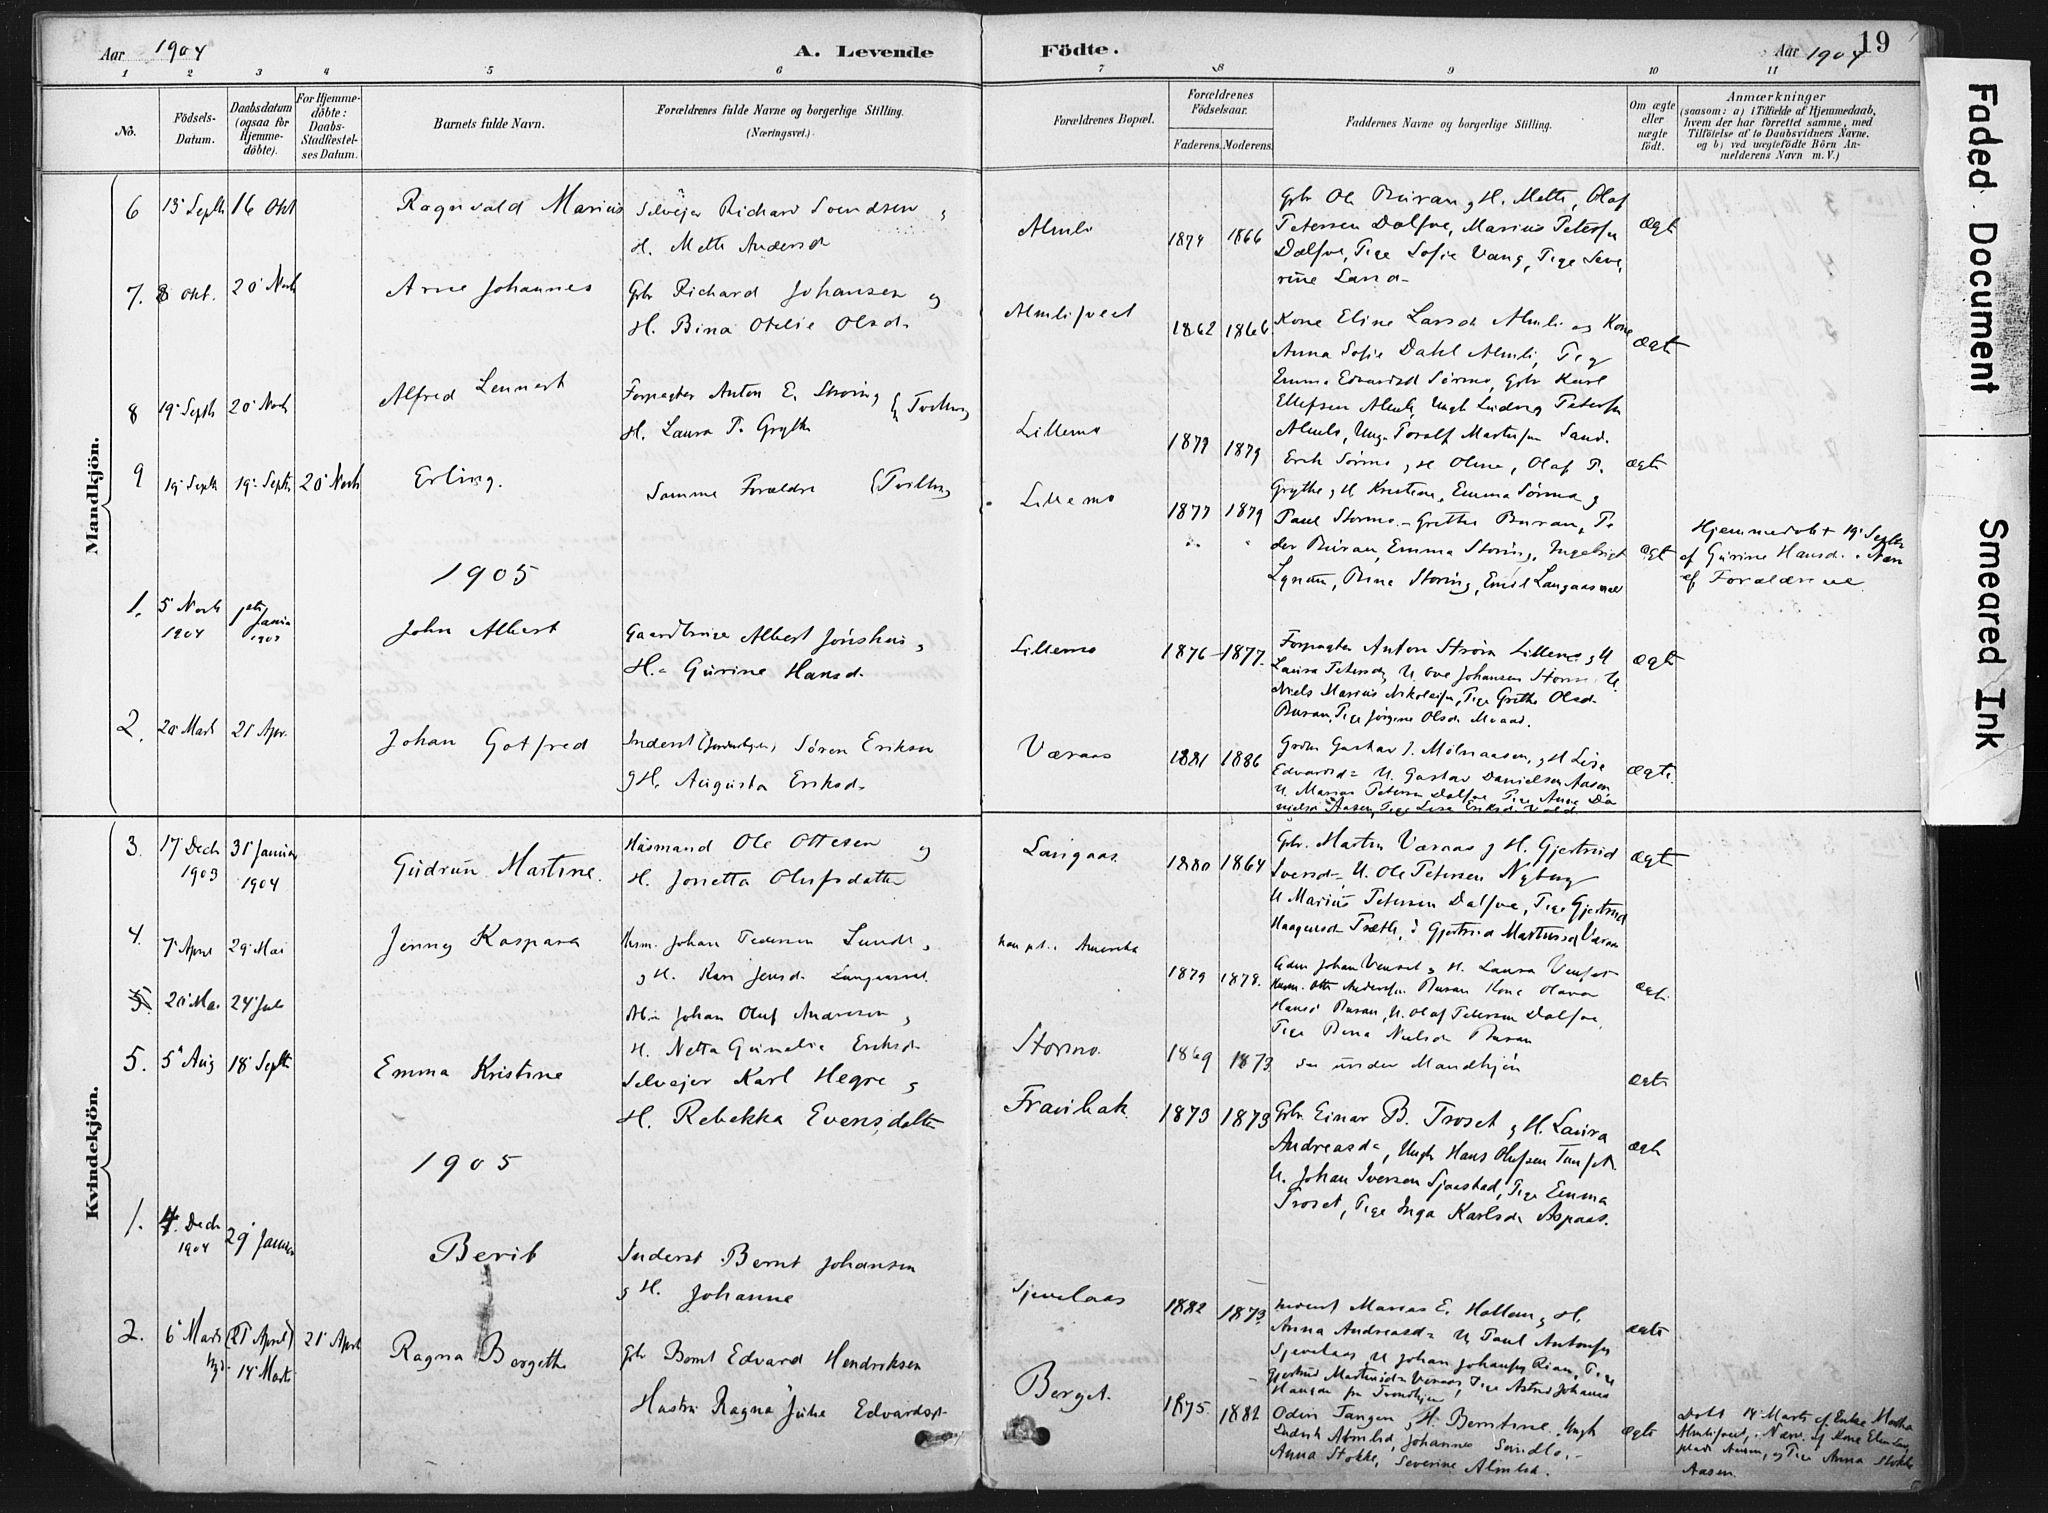 SAT, Ministerialprotokoller, klokkerbøker og fødselsregistre - Nord-Trøndelag, 718/L0175: Ministerialbok nr. 718A01, 1890-1923, s. 19